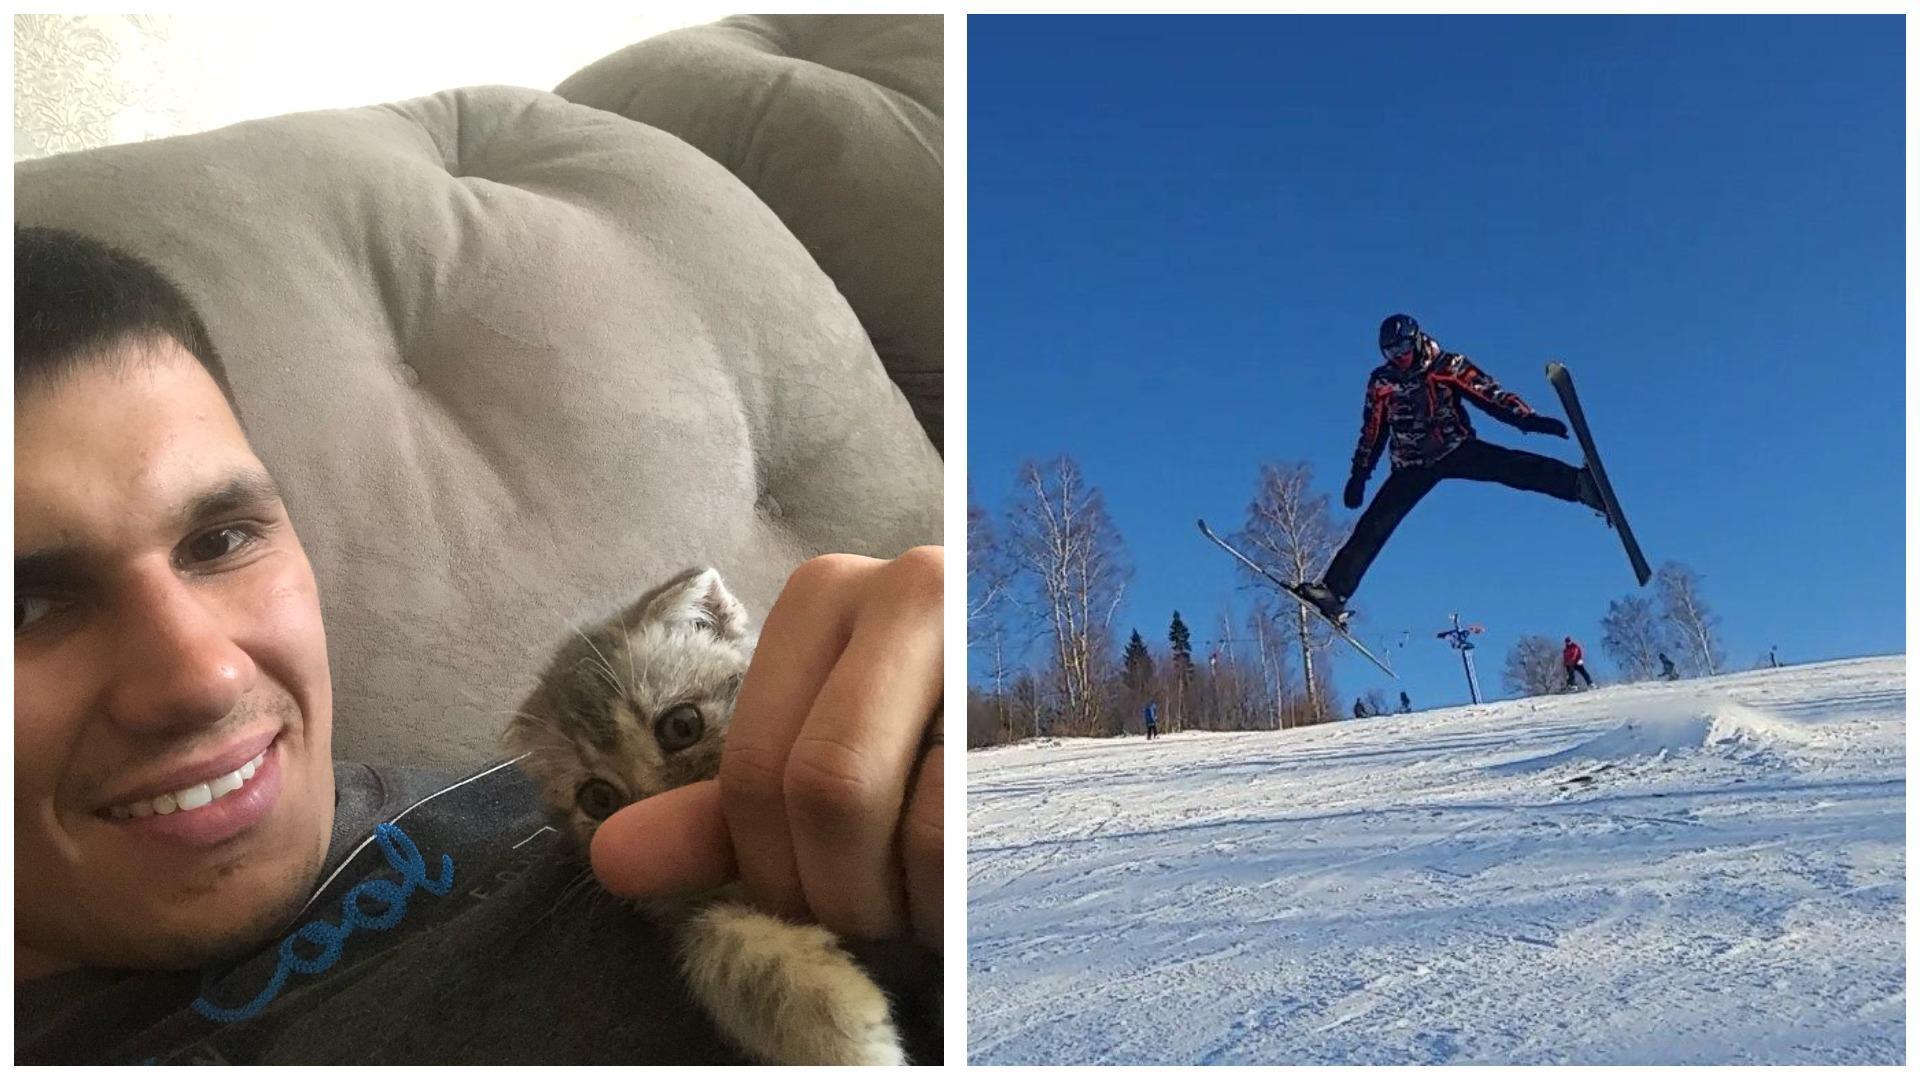 фото Долина смерти: инструкторы рассказывают, почему сноубордисты погибают на опасном склоне в Шерегеше 2